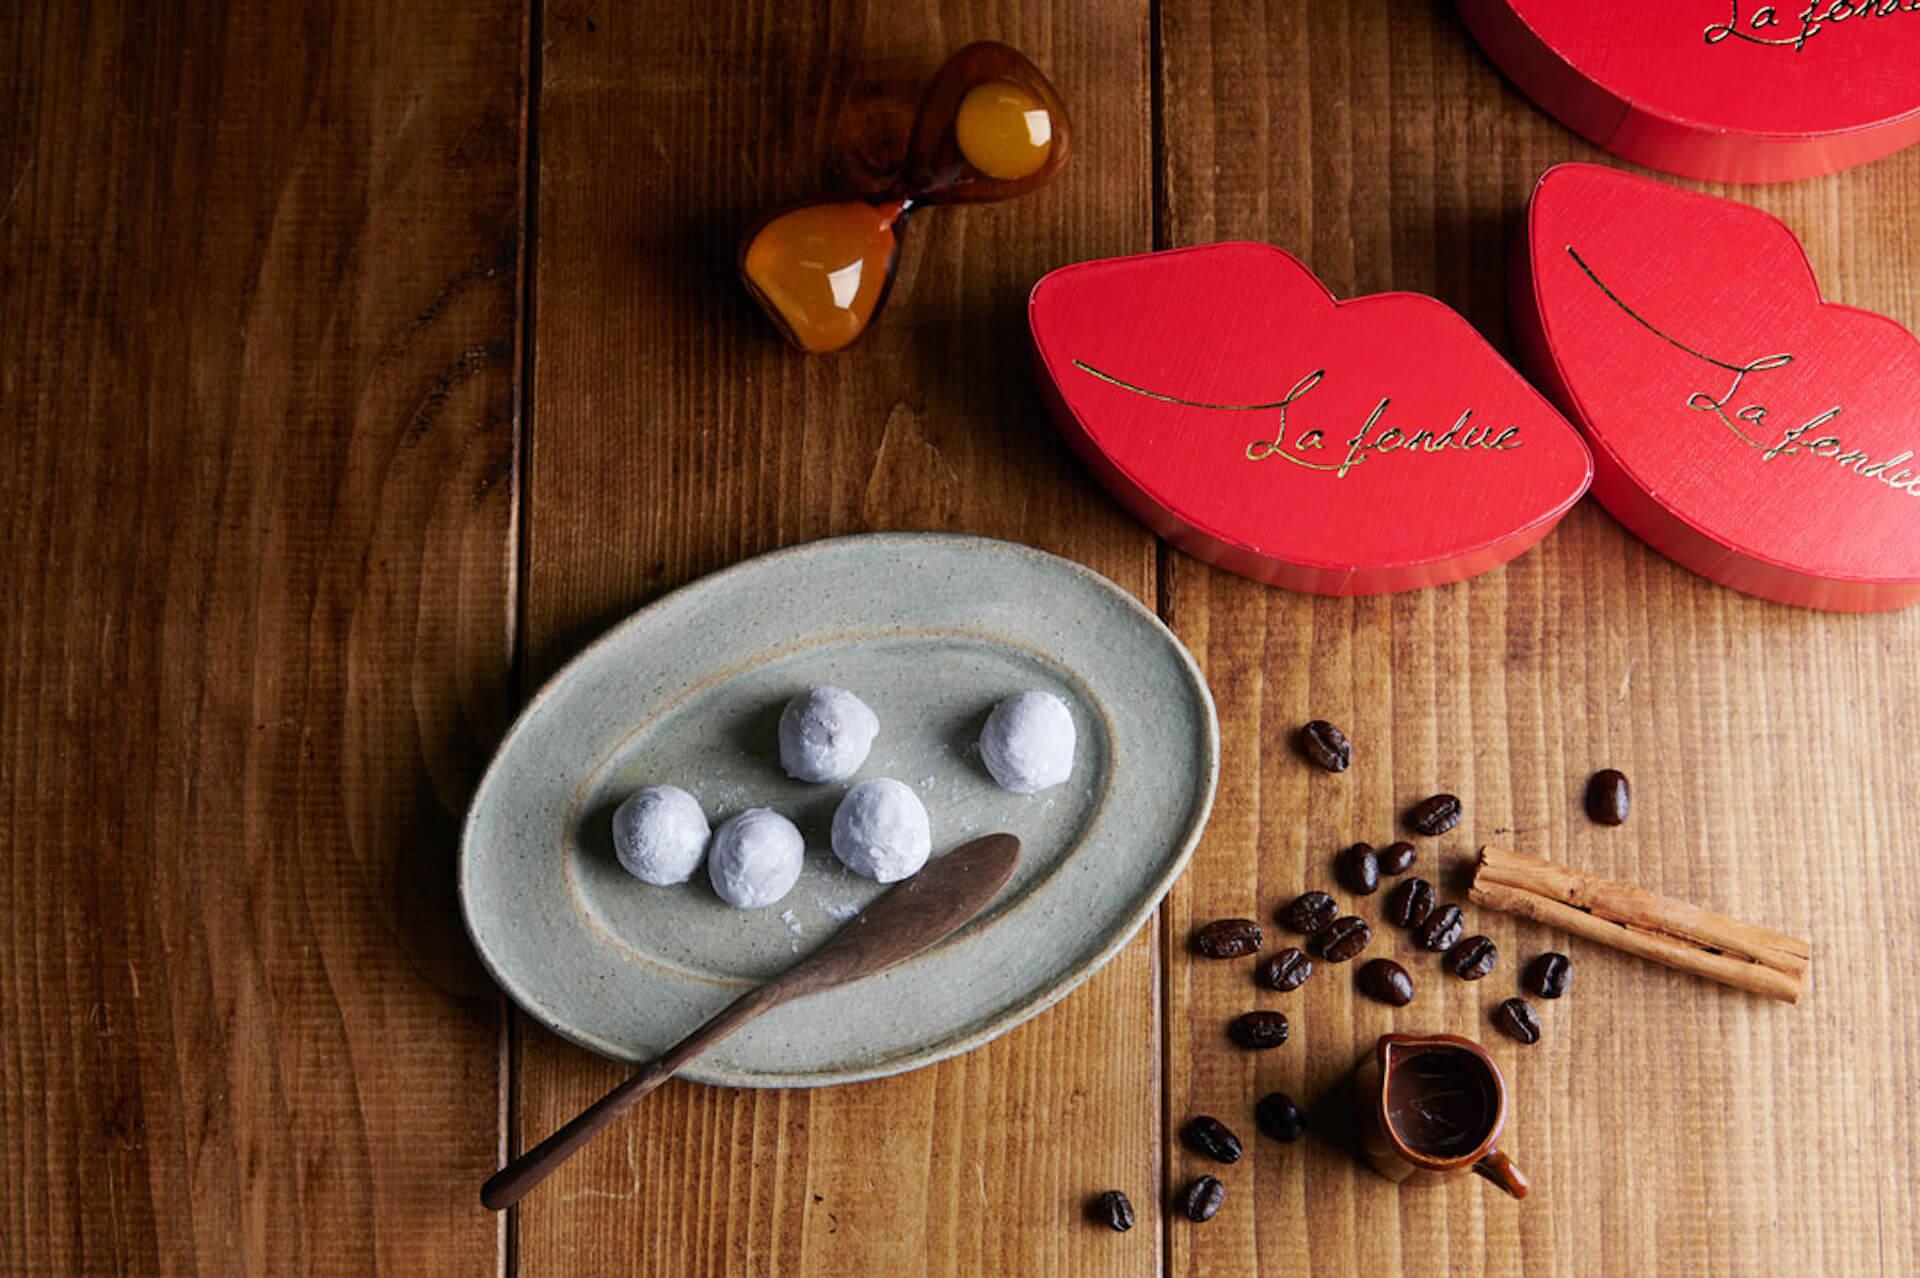 """唇だけで溶けてしまう""""噛まない""""生チョコレート『ラ・フォンデュ』がバレンタインシーズン限定で発売! gourmet210126_rafondue_4"""